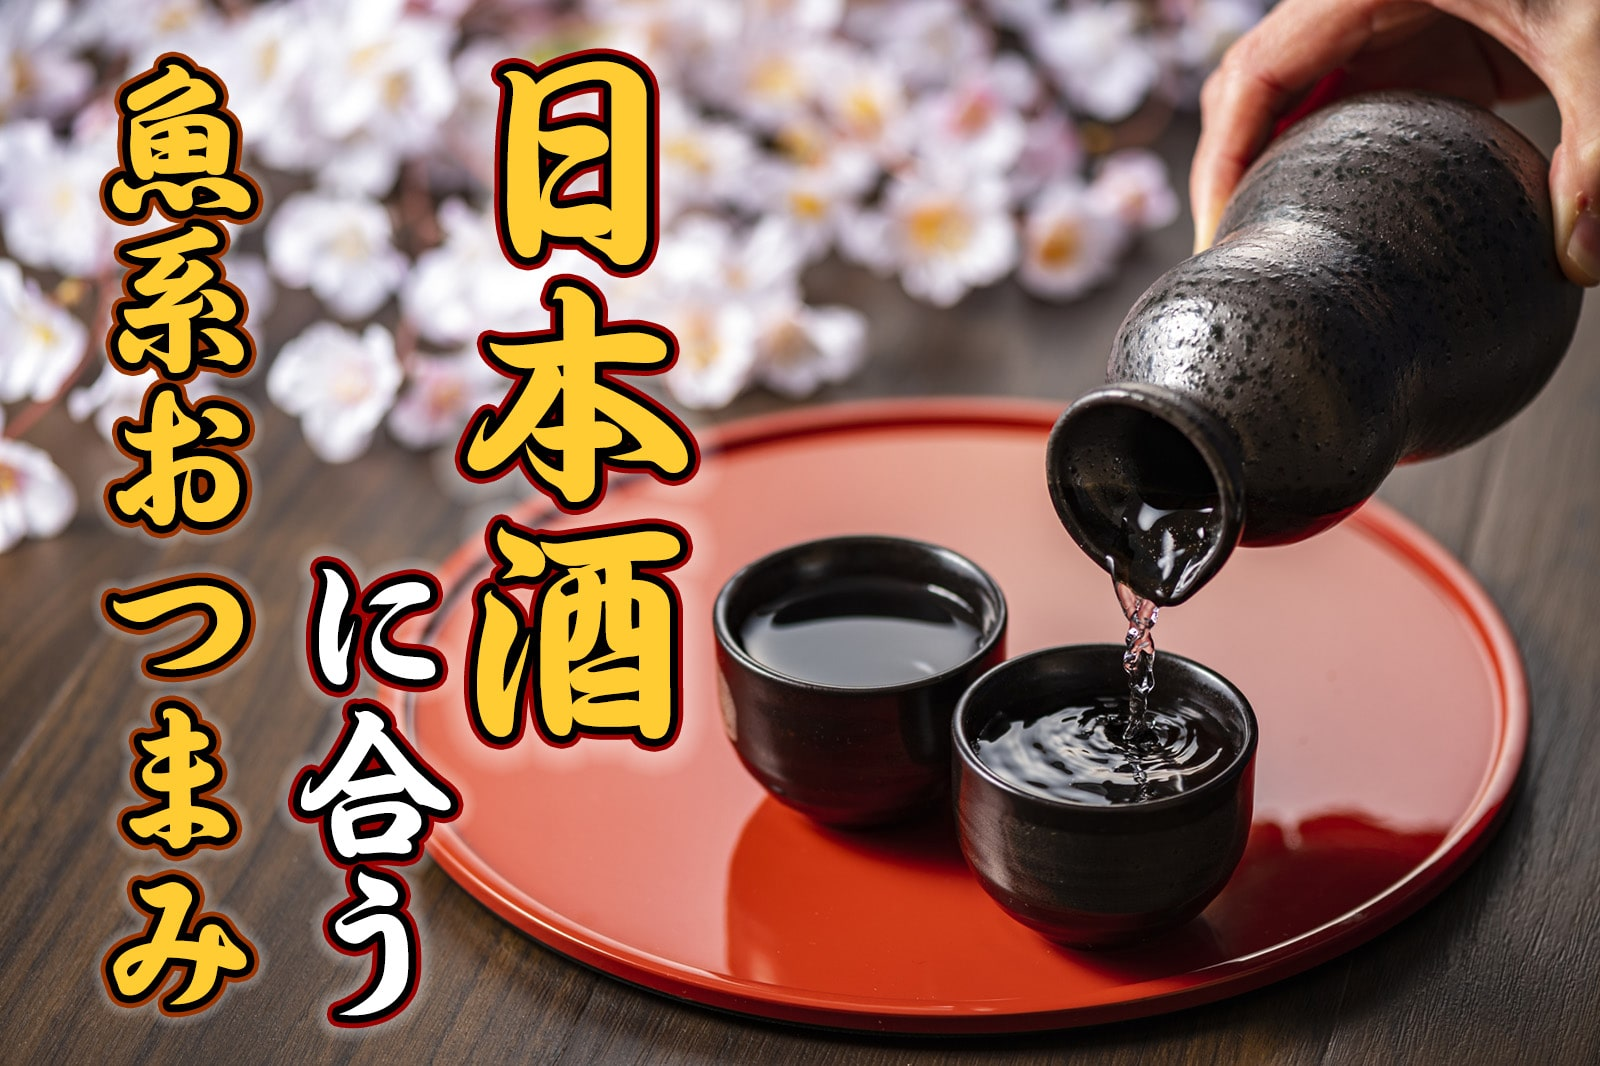 日本酒に合う魚系おつまみ